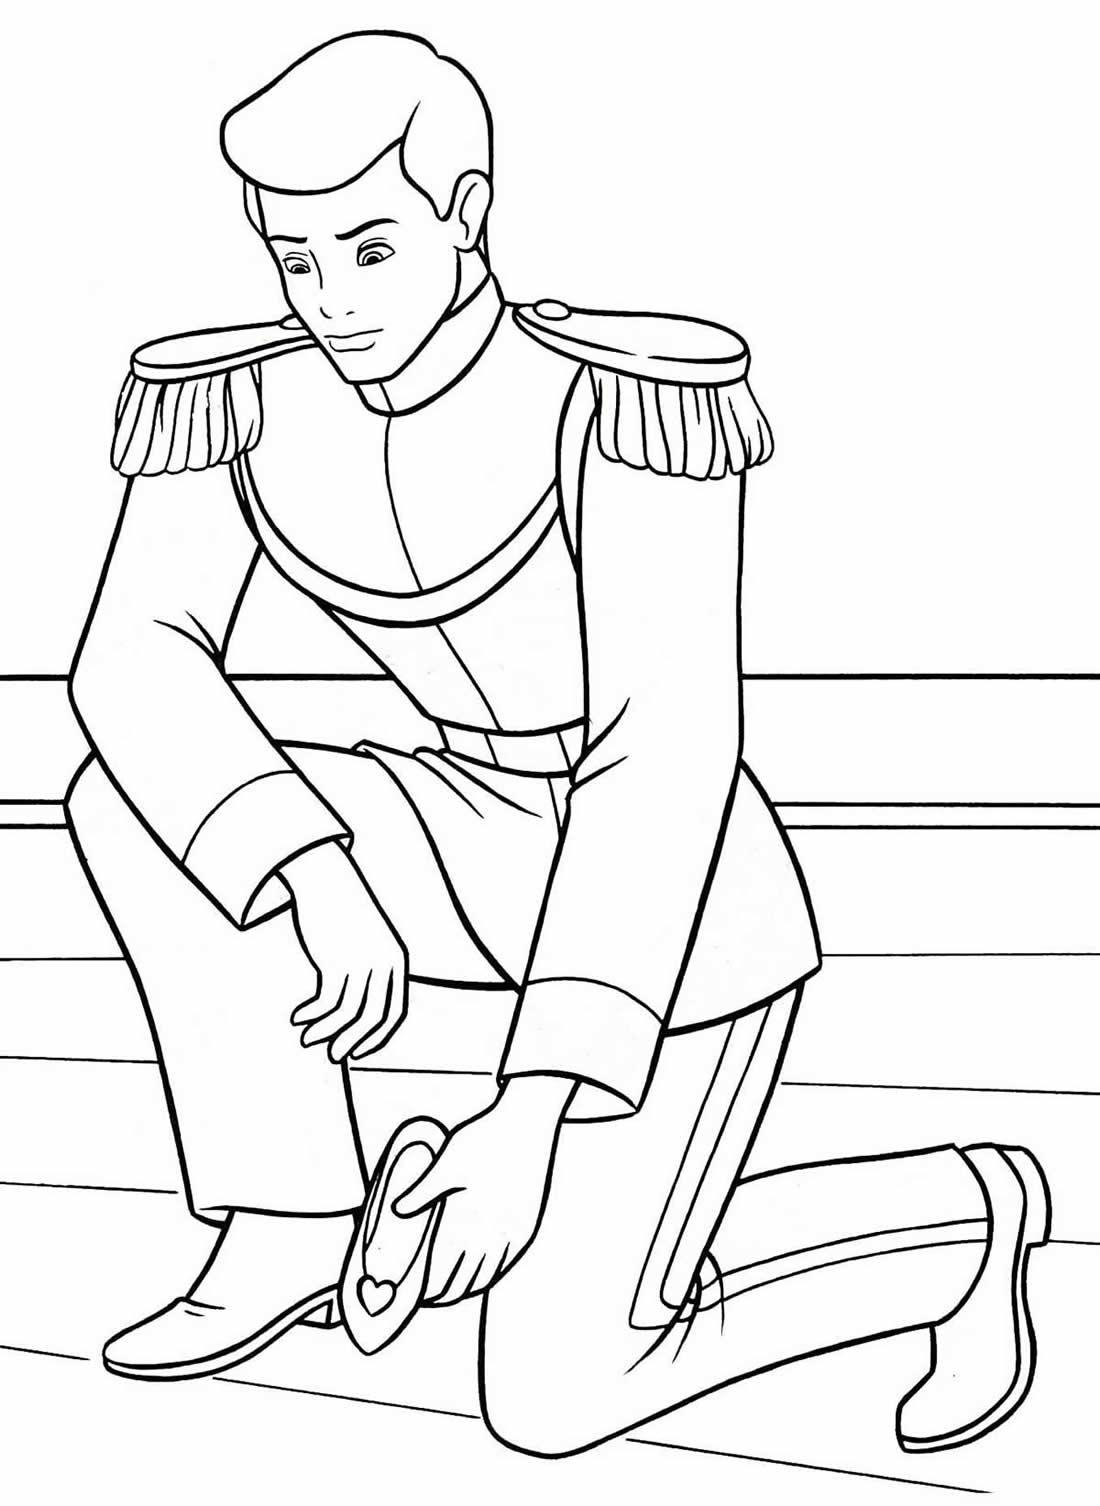 Desenho do Príncipe - Cinderela